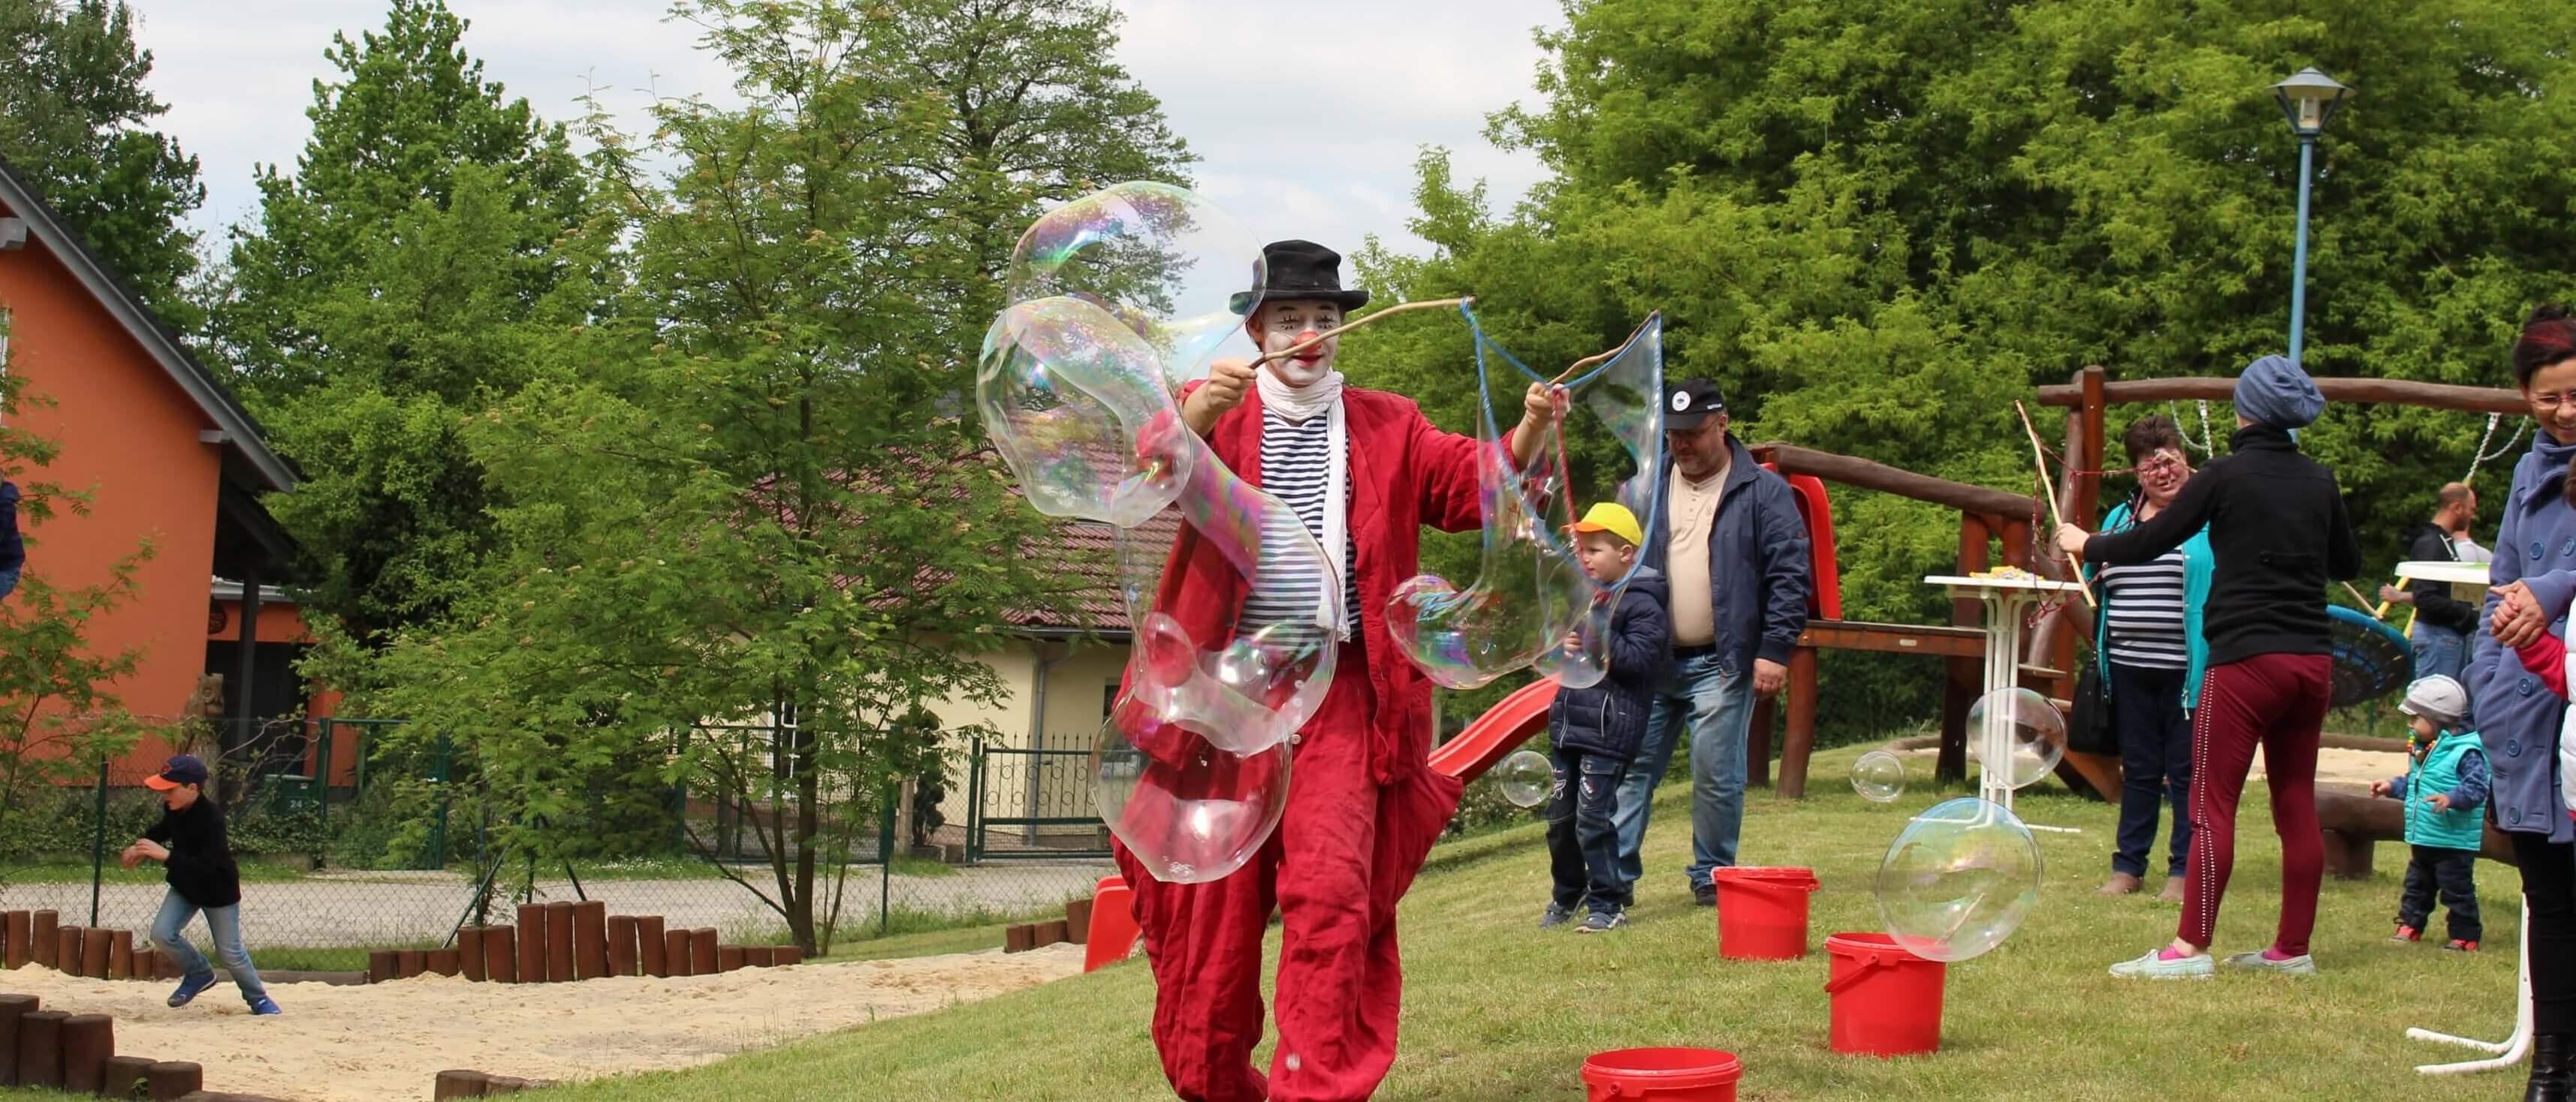 """Riesen- Seifenblasen aus Berlin mit Clown Herr Balzer in Cottbus beim """"Kinderlachen e.V."""""""